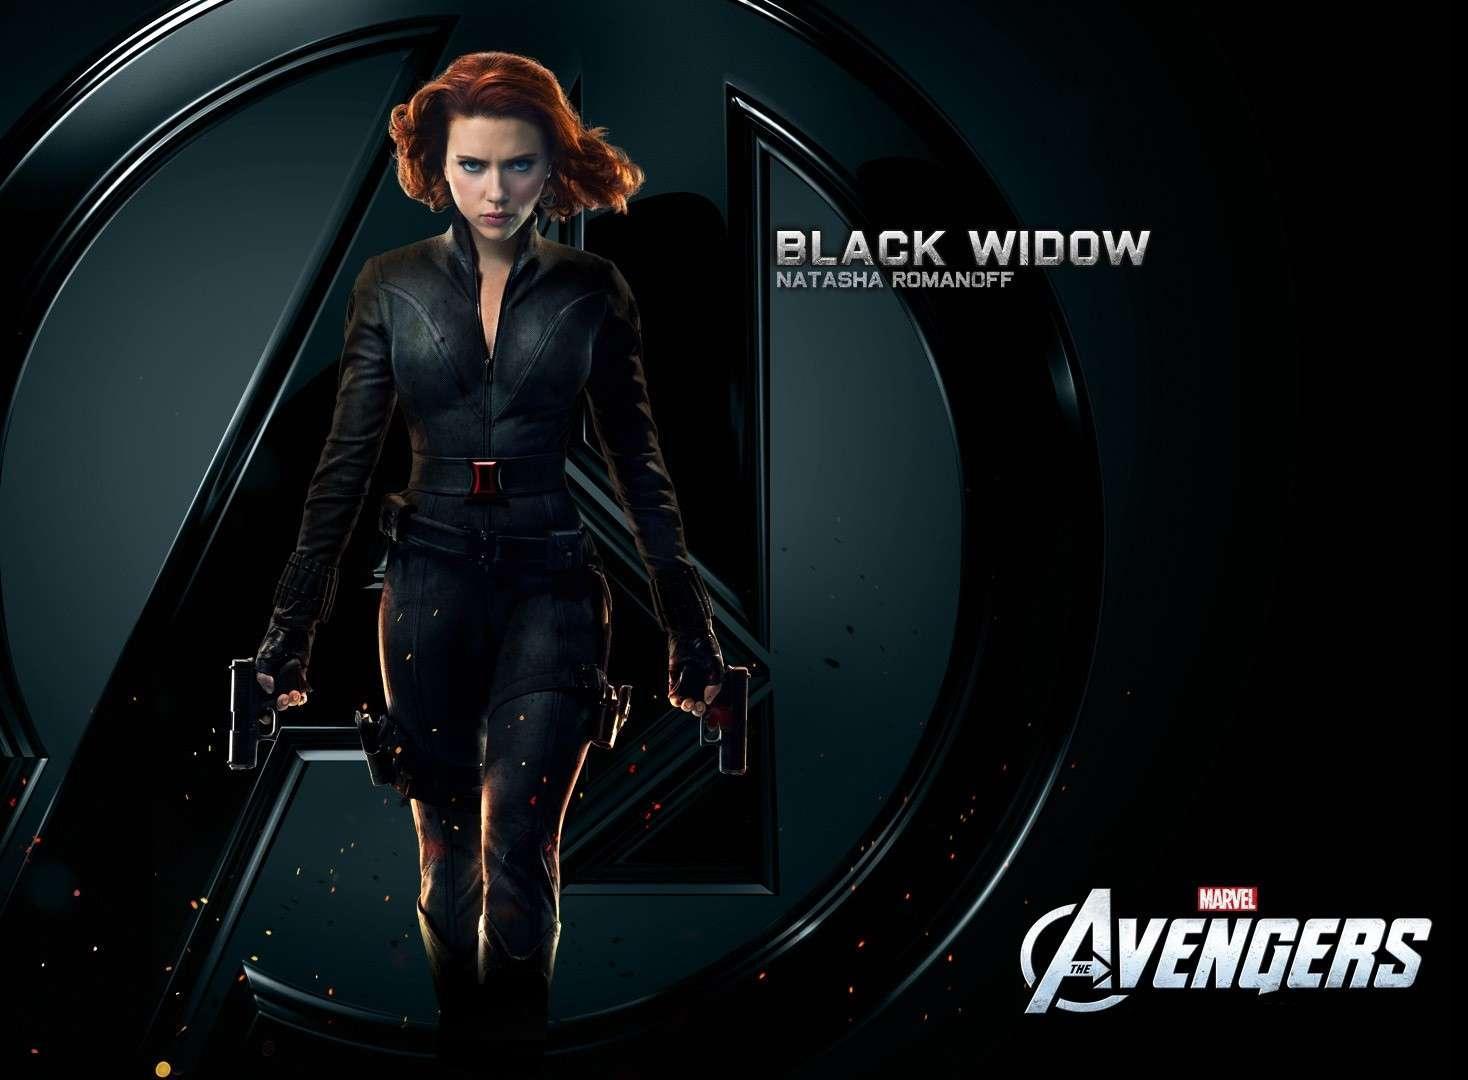 Download Kumpulan Wallpaper Black Widow Infinity War  Terbaik